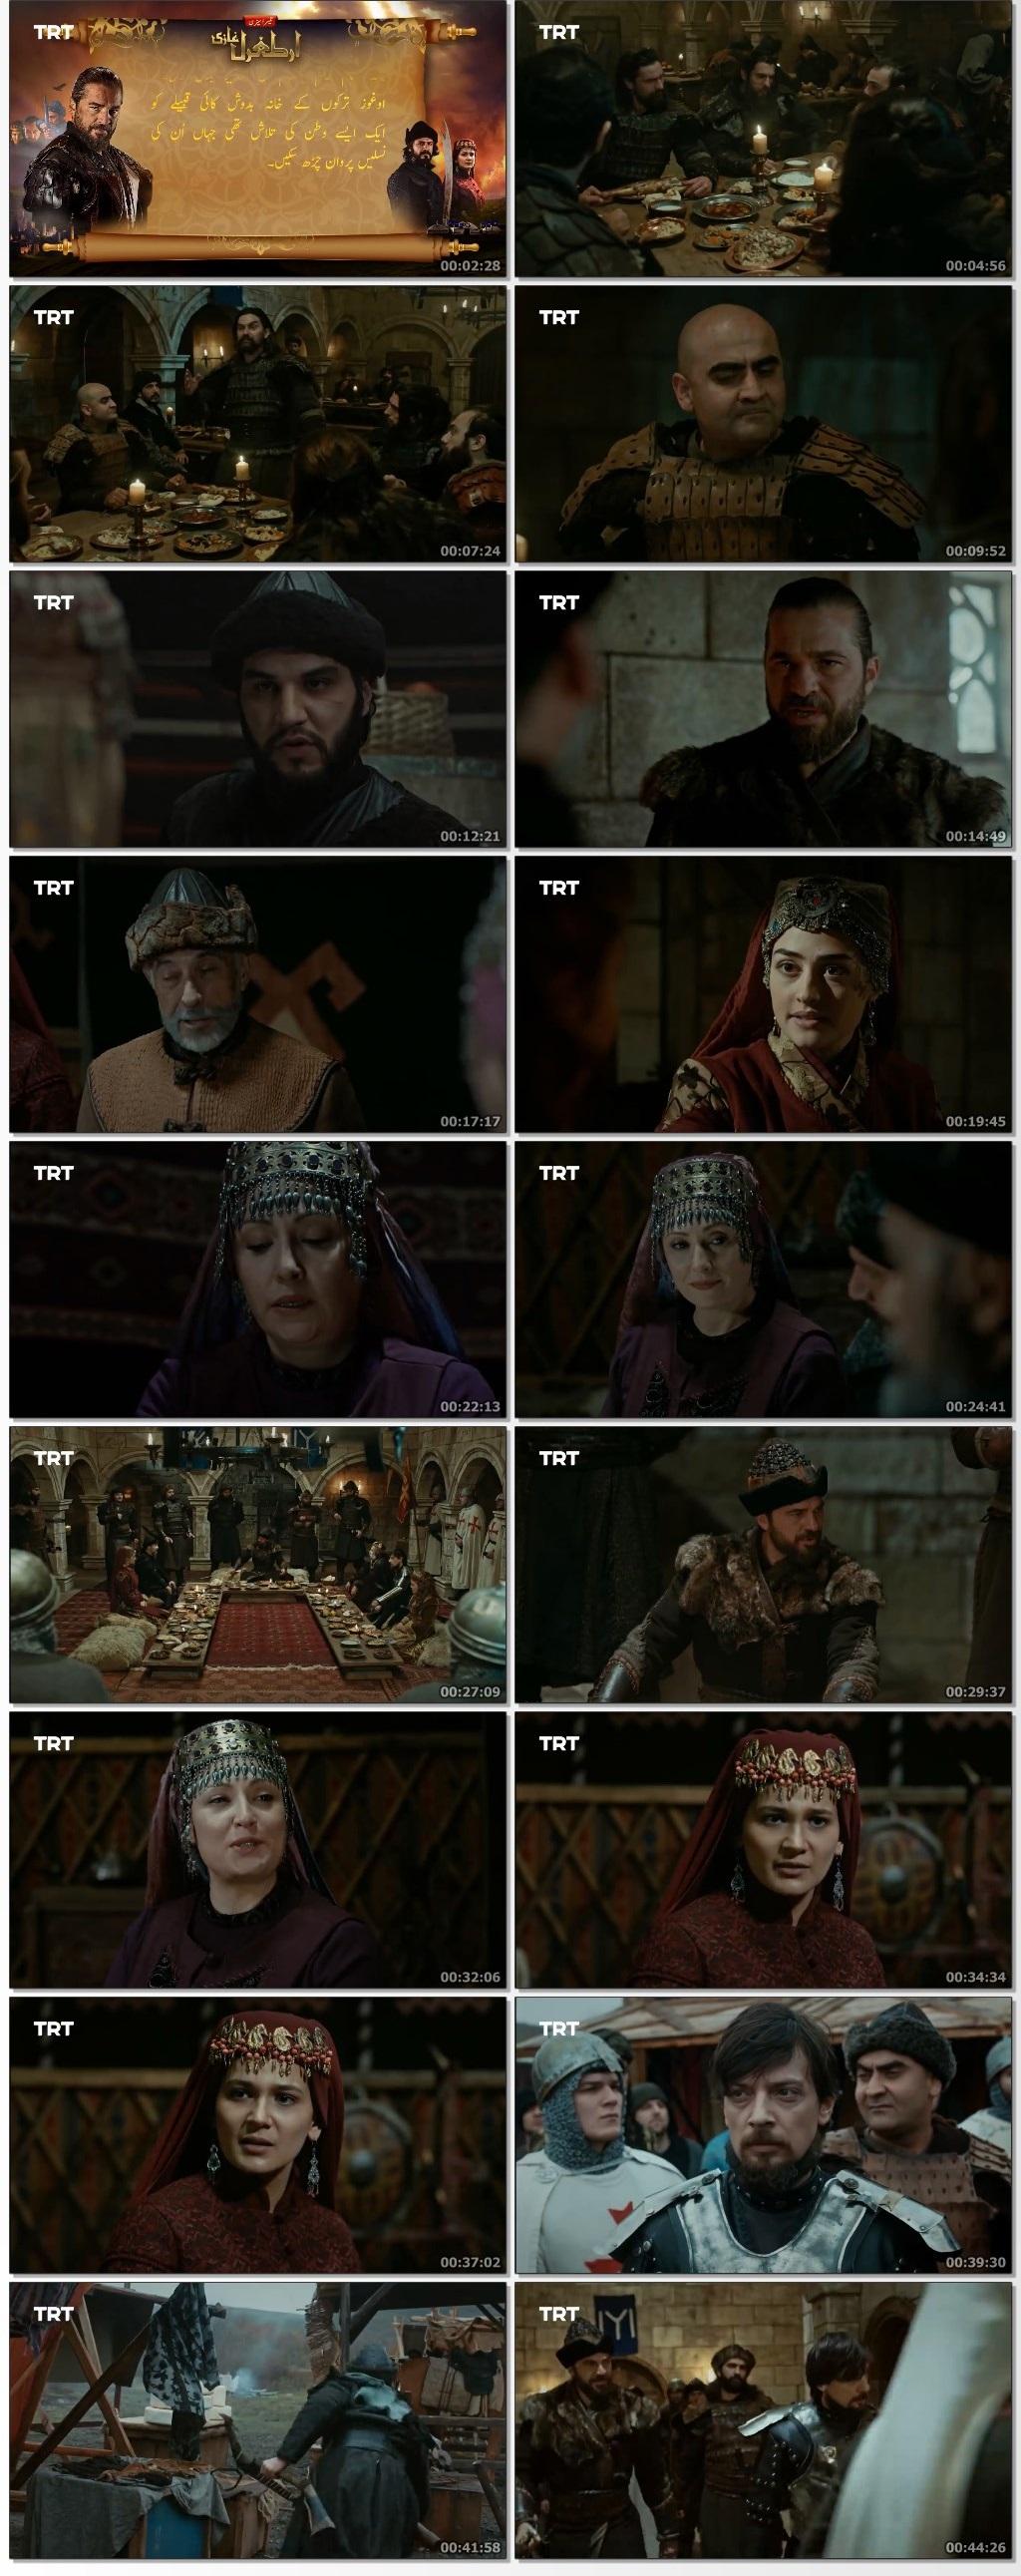 Ertugrul-Ghazi-Urdu-Episode-36-Season-3-mp4-thumbs